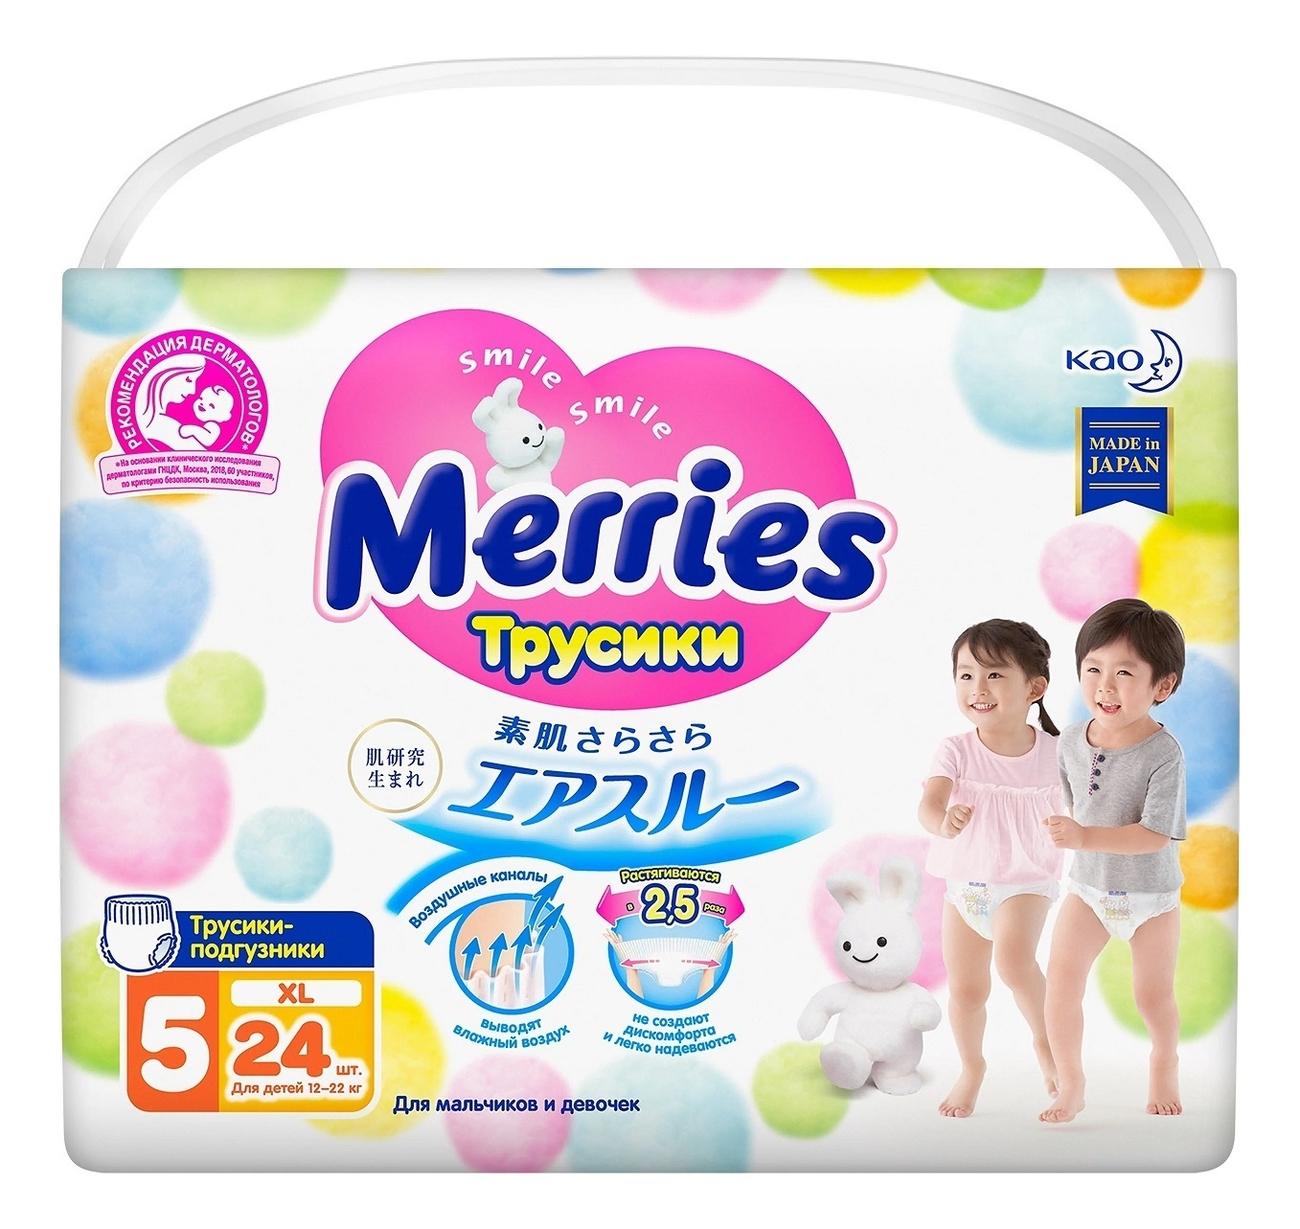 подгузники Трусики-подгузники для детей XL 12-22кг: Трусики-подгузники 24шт